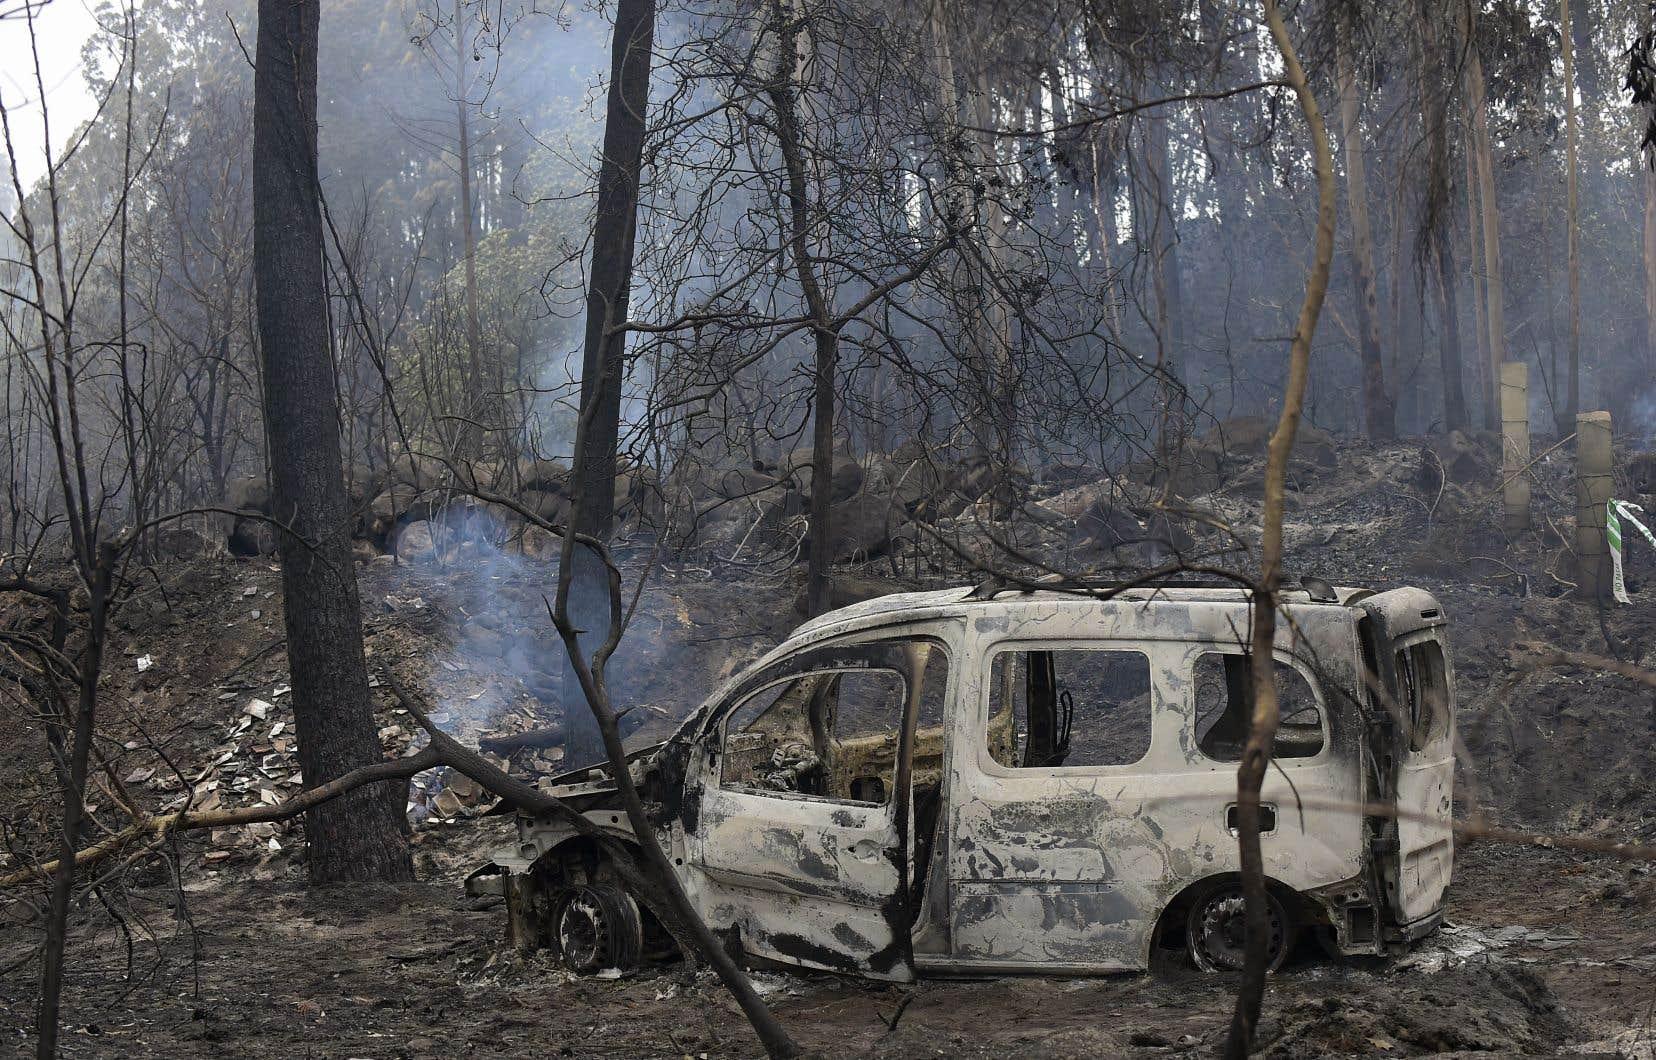 Deux personnes sont mortes lundi dans leur véhicule en tentant de fuir les flammes dans une région du nord-ouest de l'Espagne.